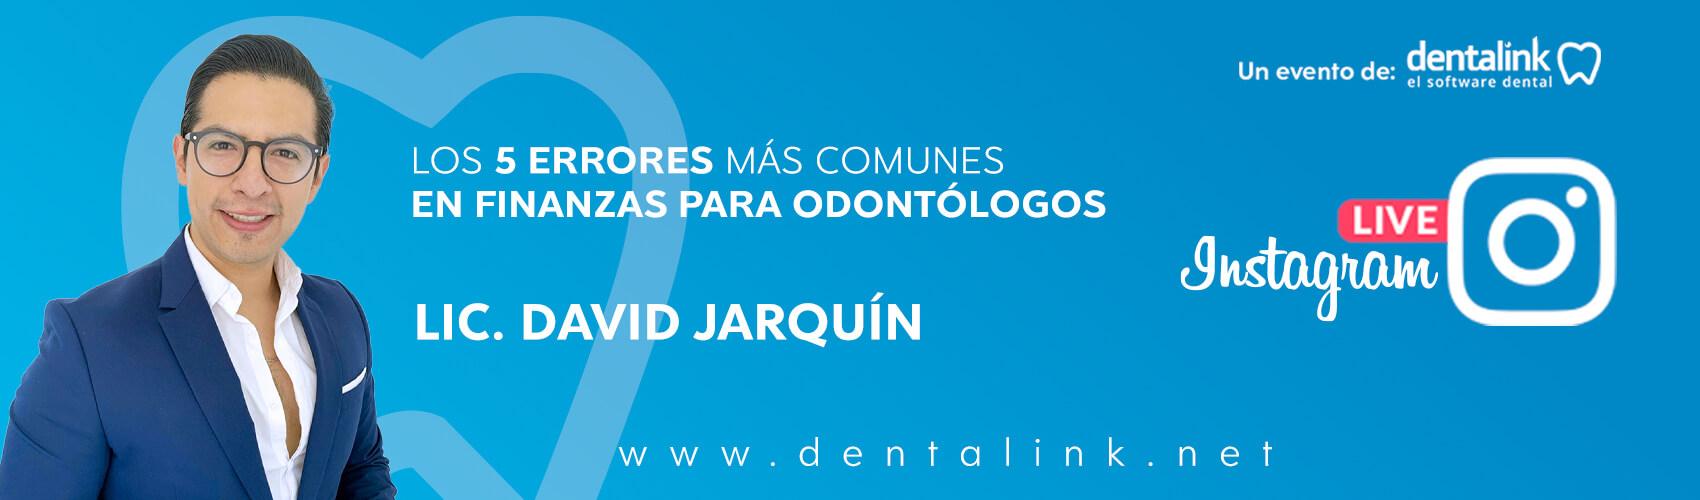 Instagram Live: Los 5 errores más comunes en Finanzas para Odontólogos